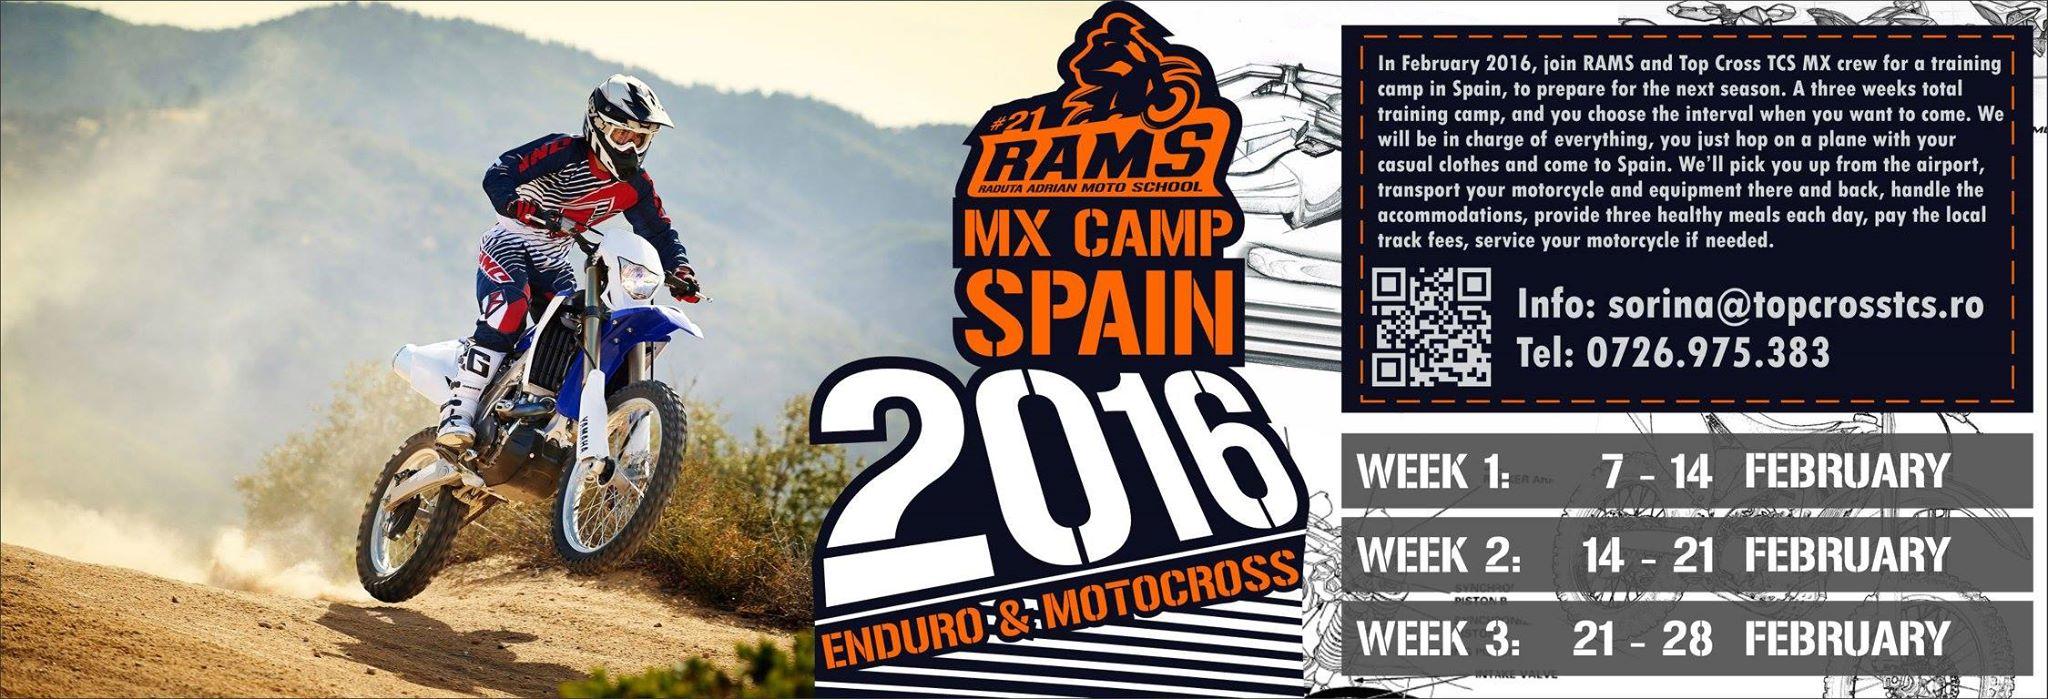 RAMS MX Camp Spain 2016